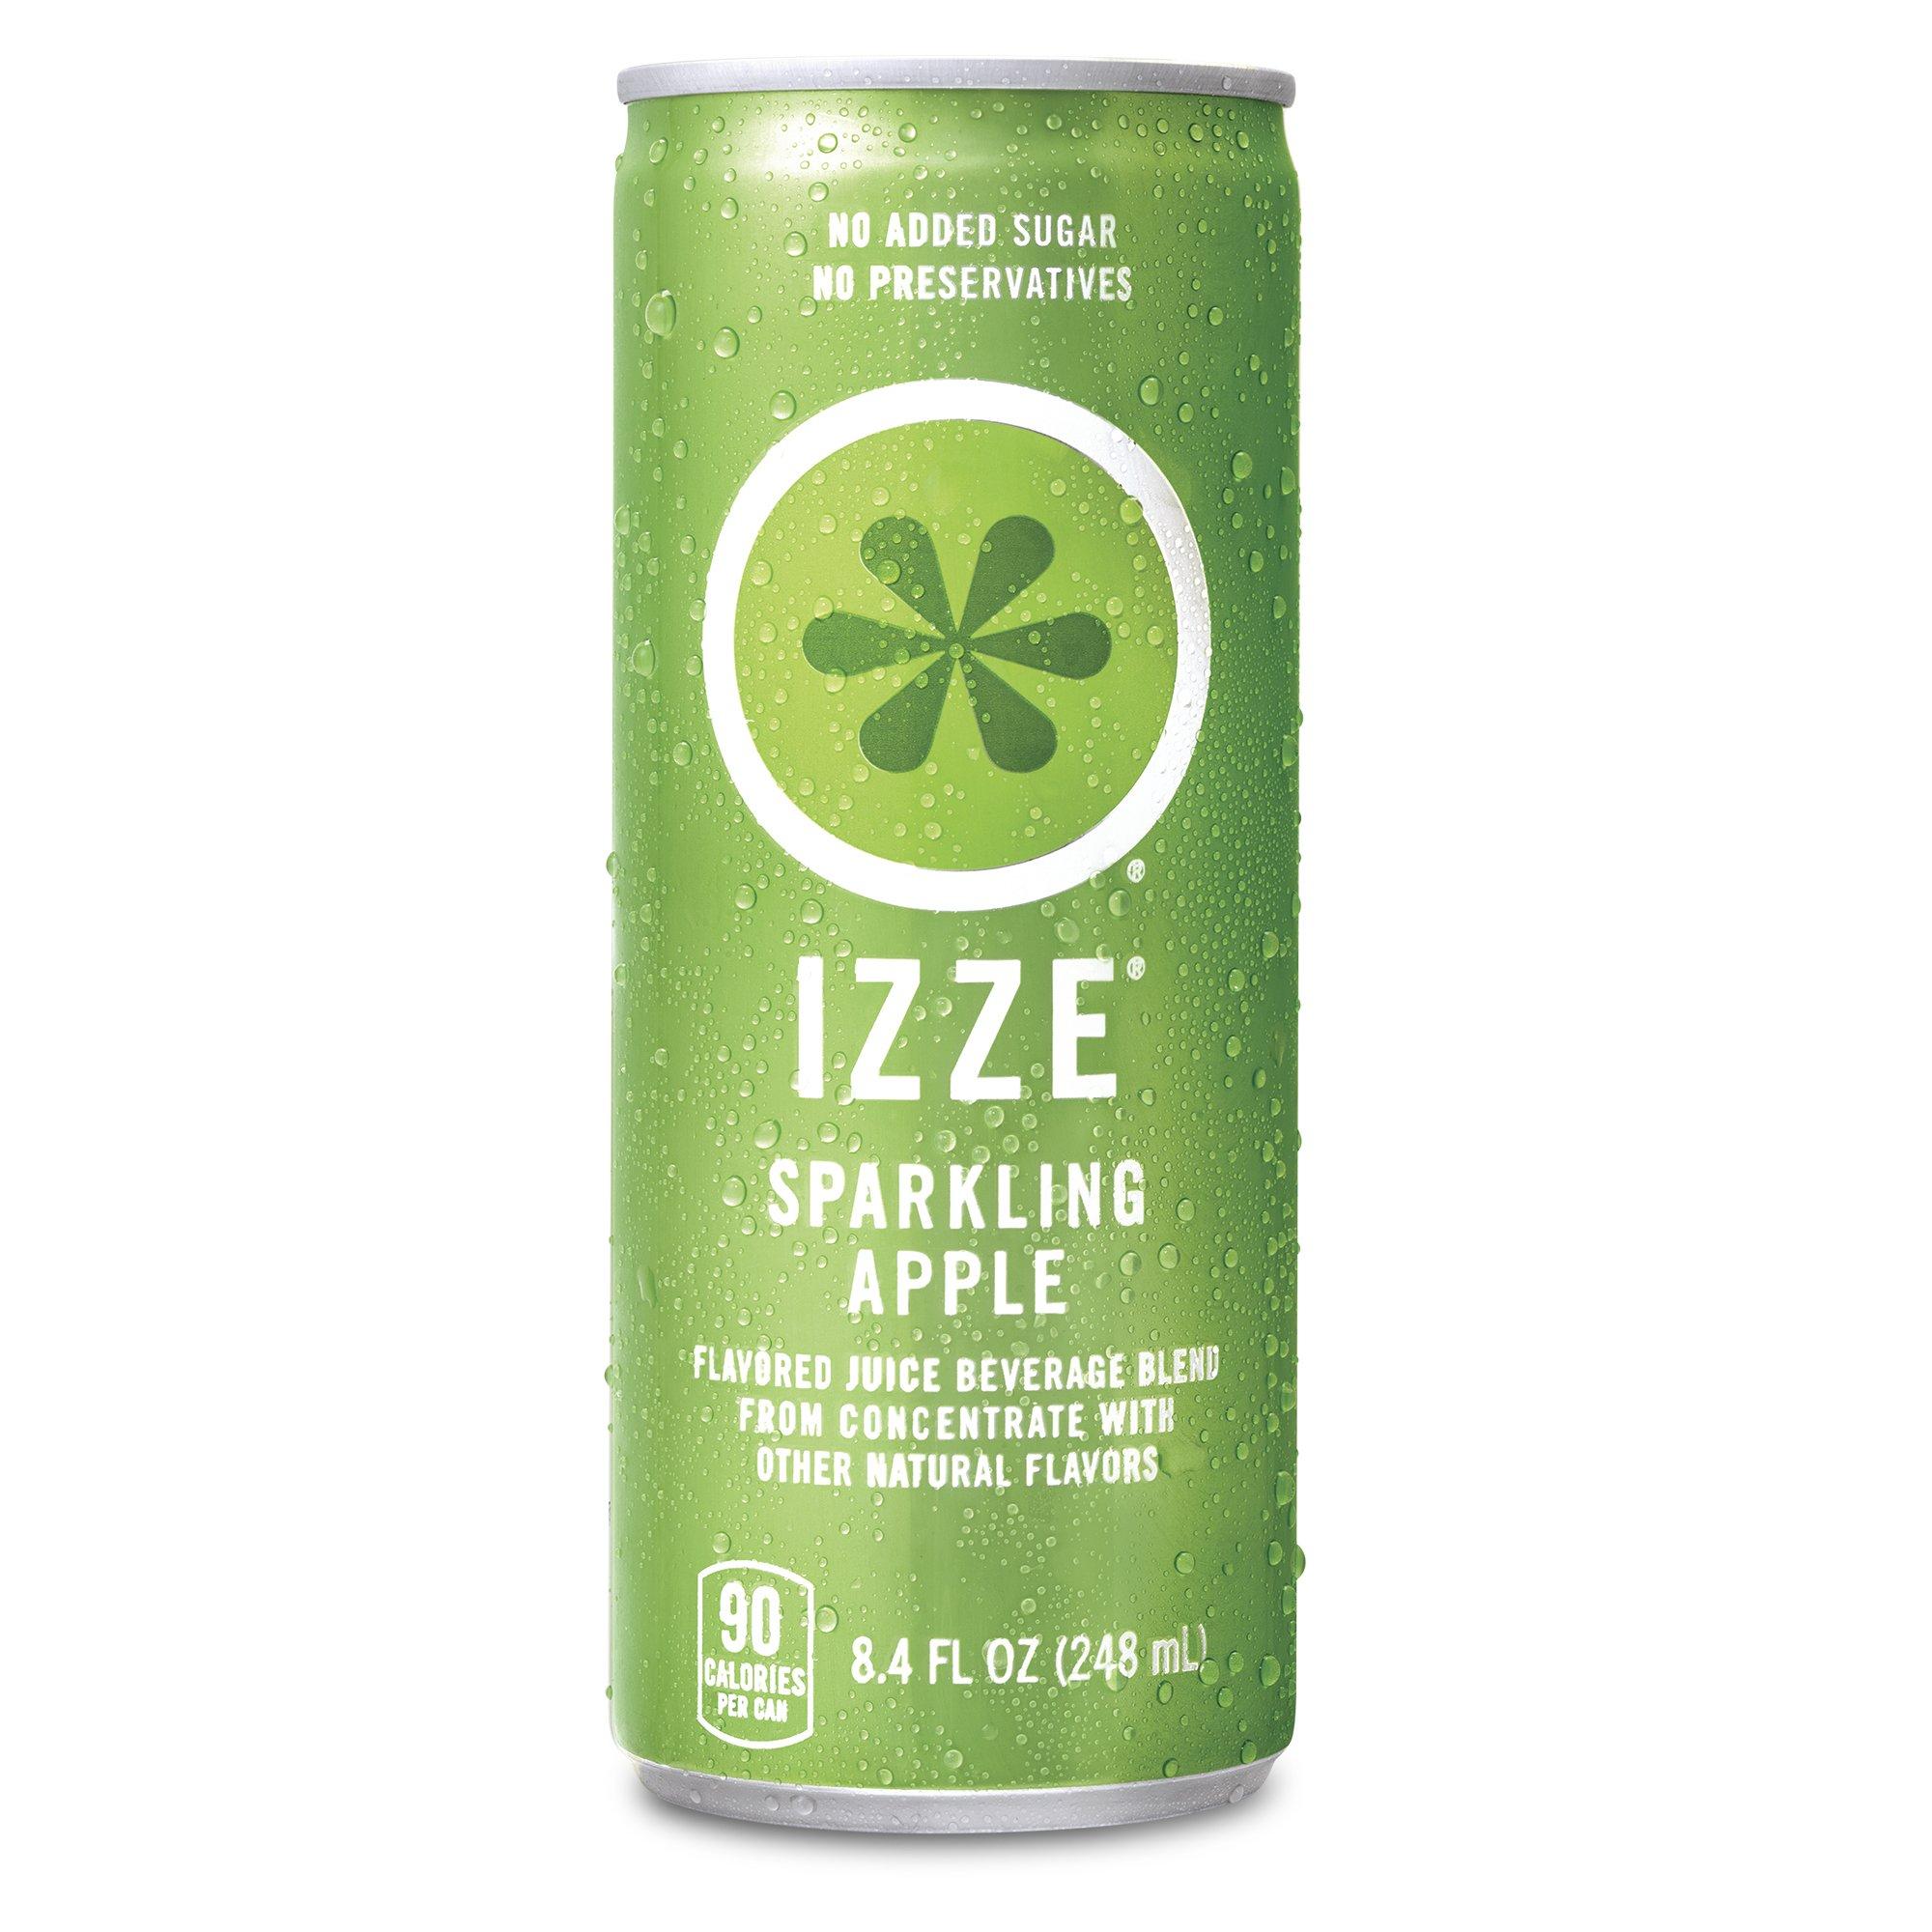 IZZE Sparkling Juice, Apple, 8.4 oz Cans, 24 Count